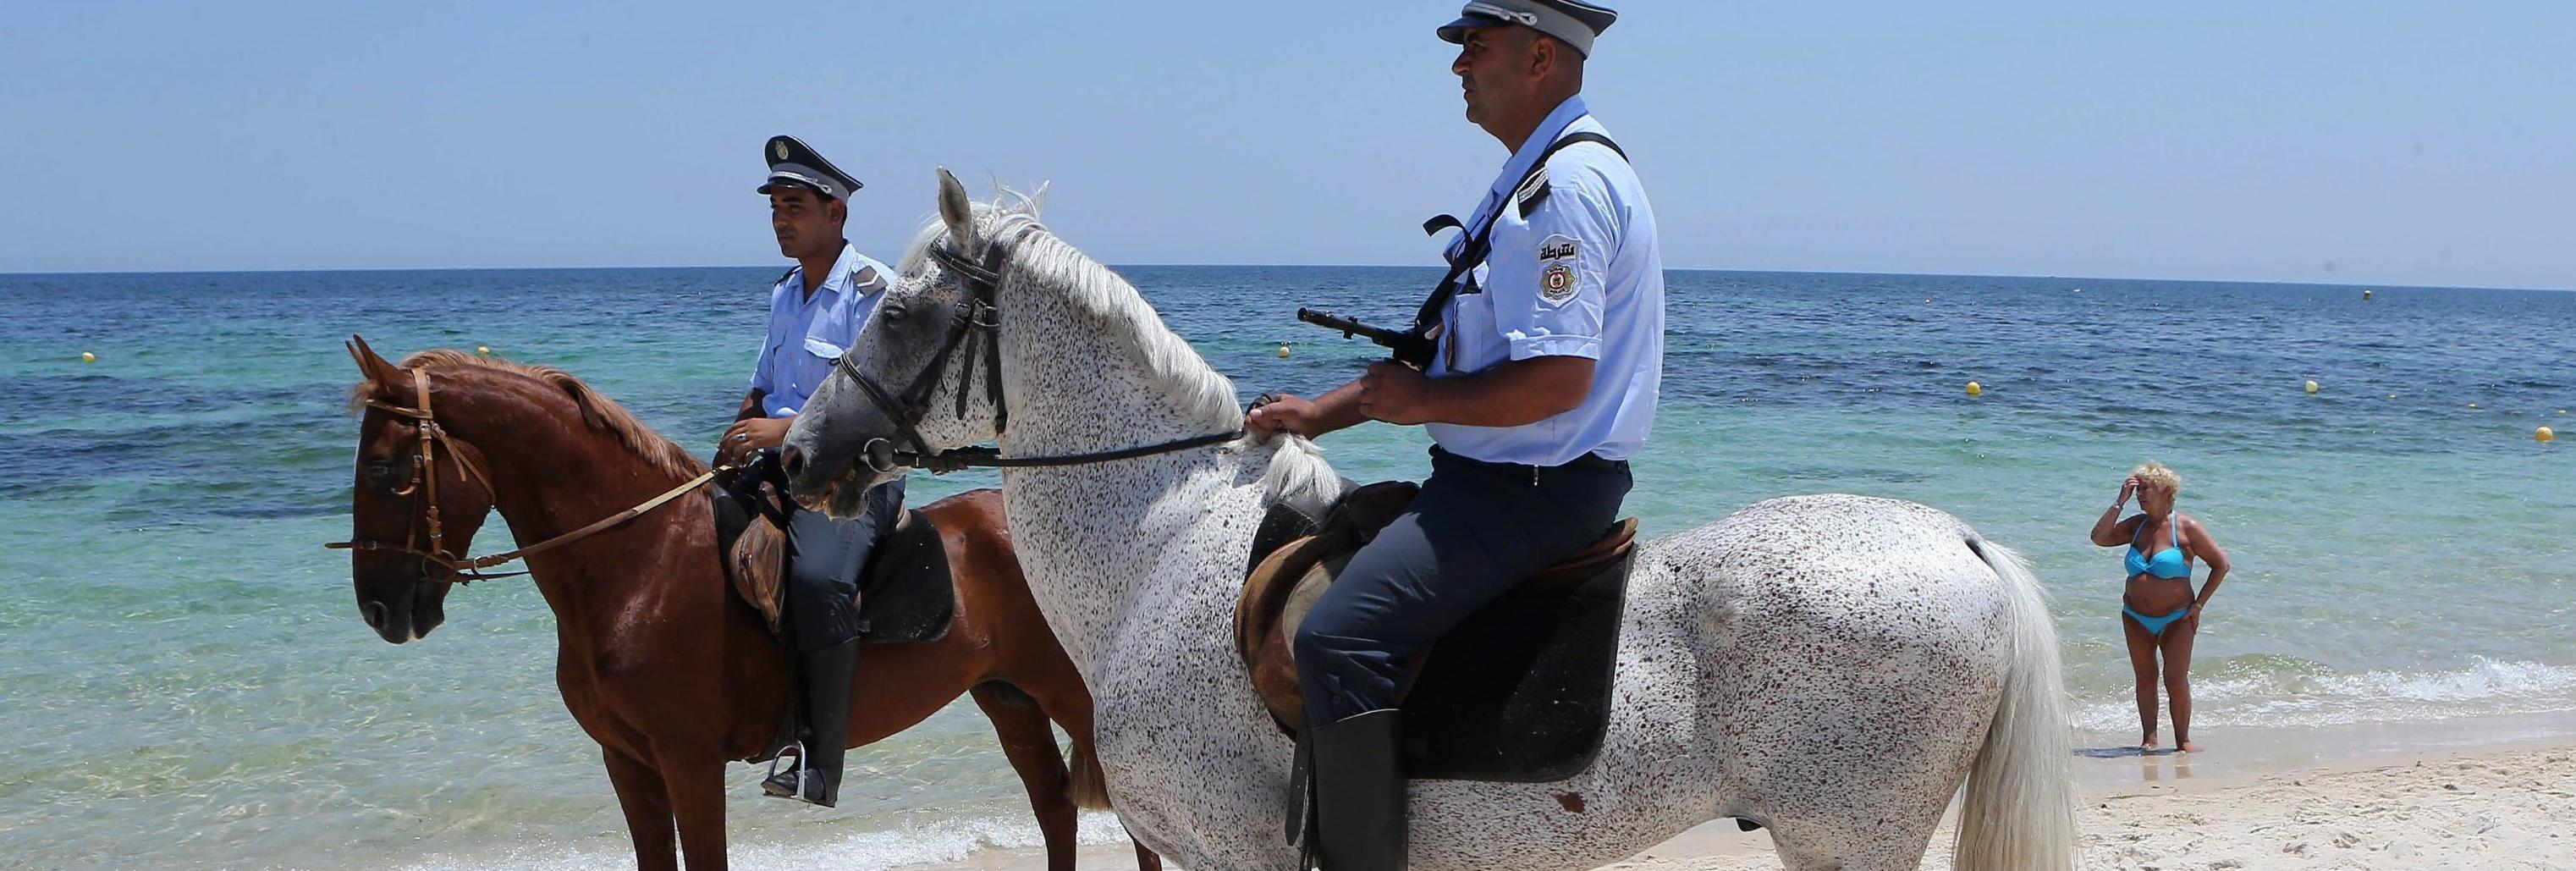 Polizia tunisina sulle spiagge